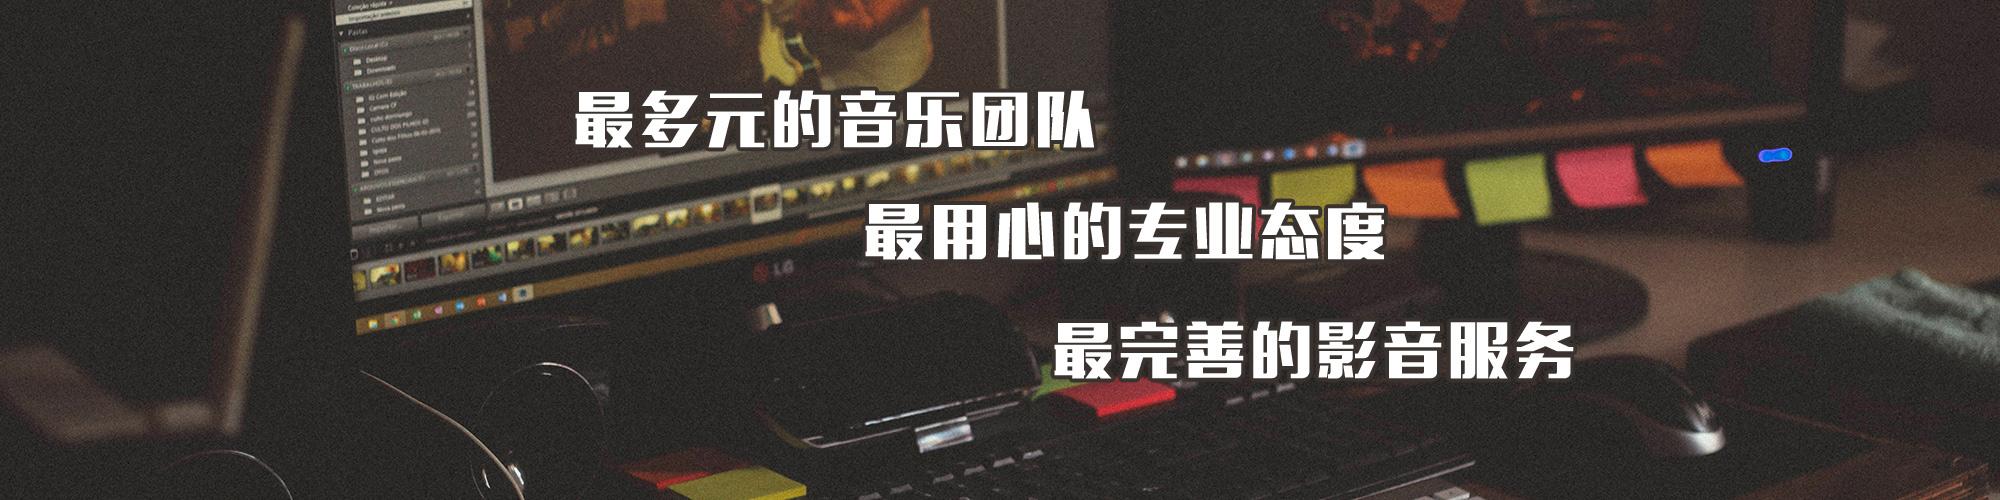 美论版权音乐网轮播图